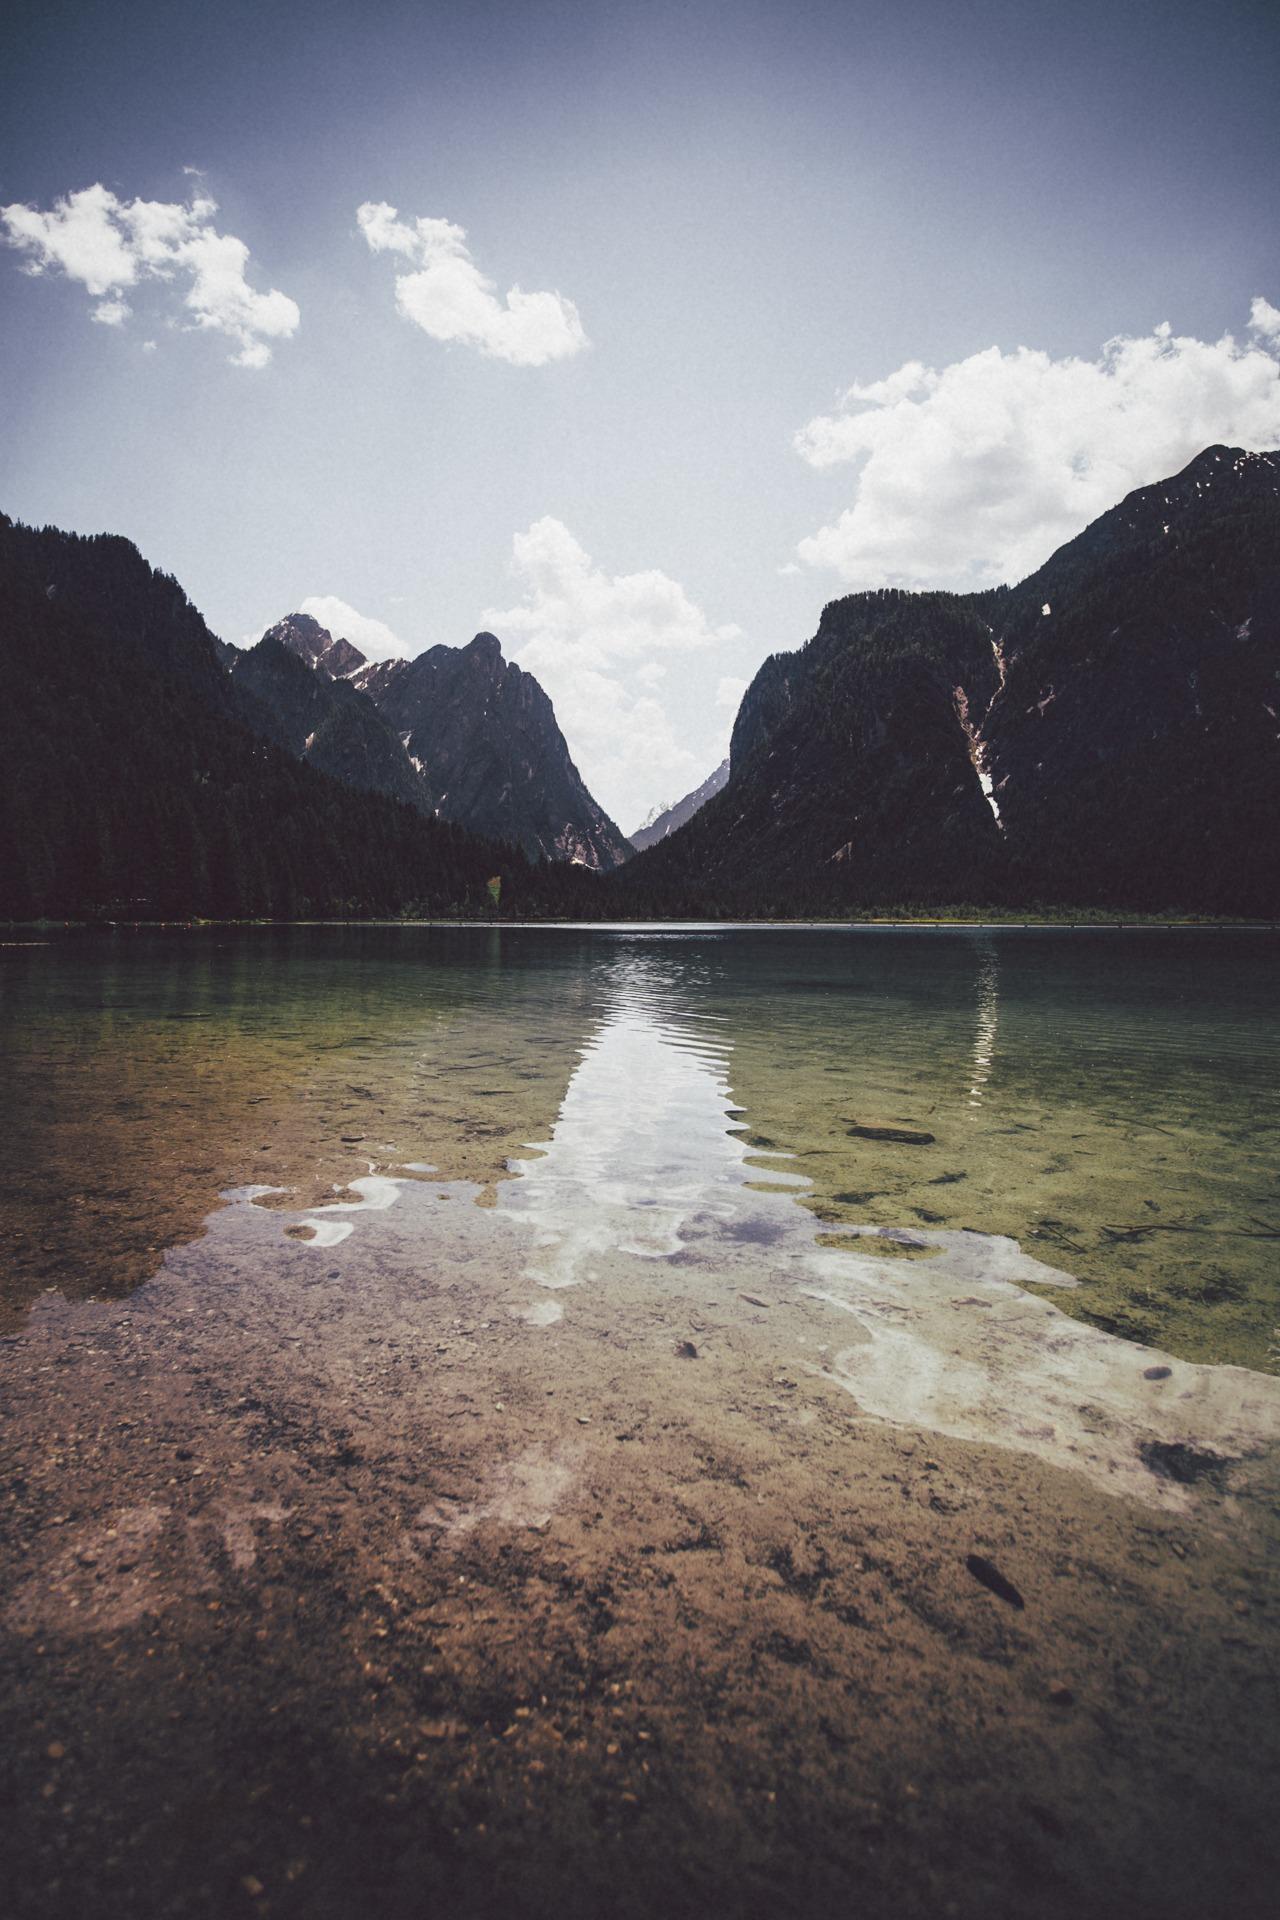 Elena Morelli Mountain Reflections Photography – Design